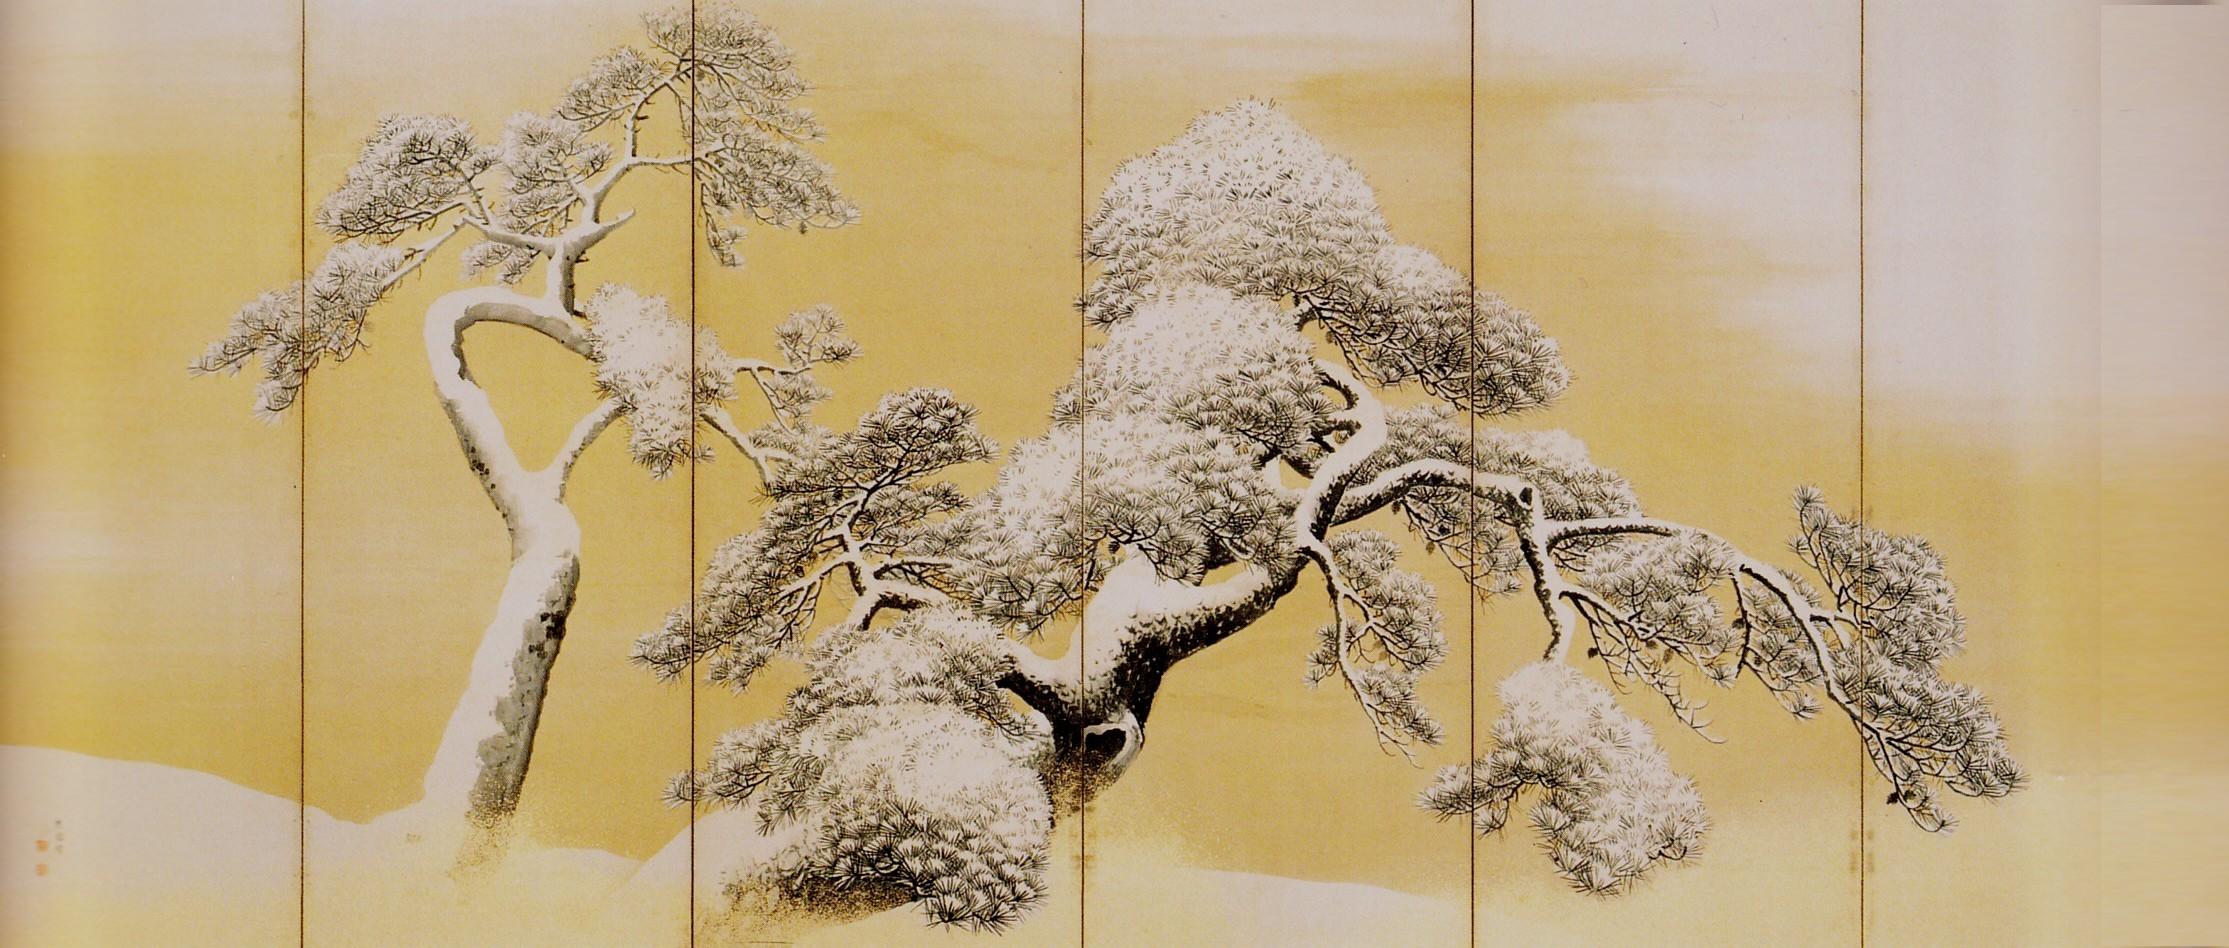 Pins sous la neige, paravent gauche, 1766 , encre, couleurs et poudre d'or sur papier, Maruyama Okyo